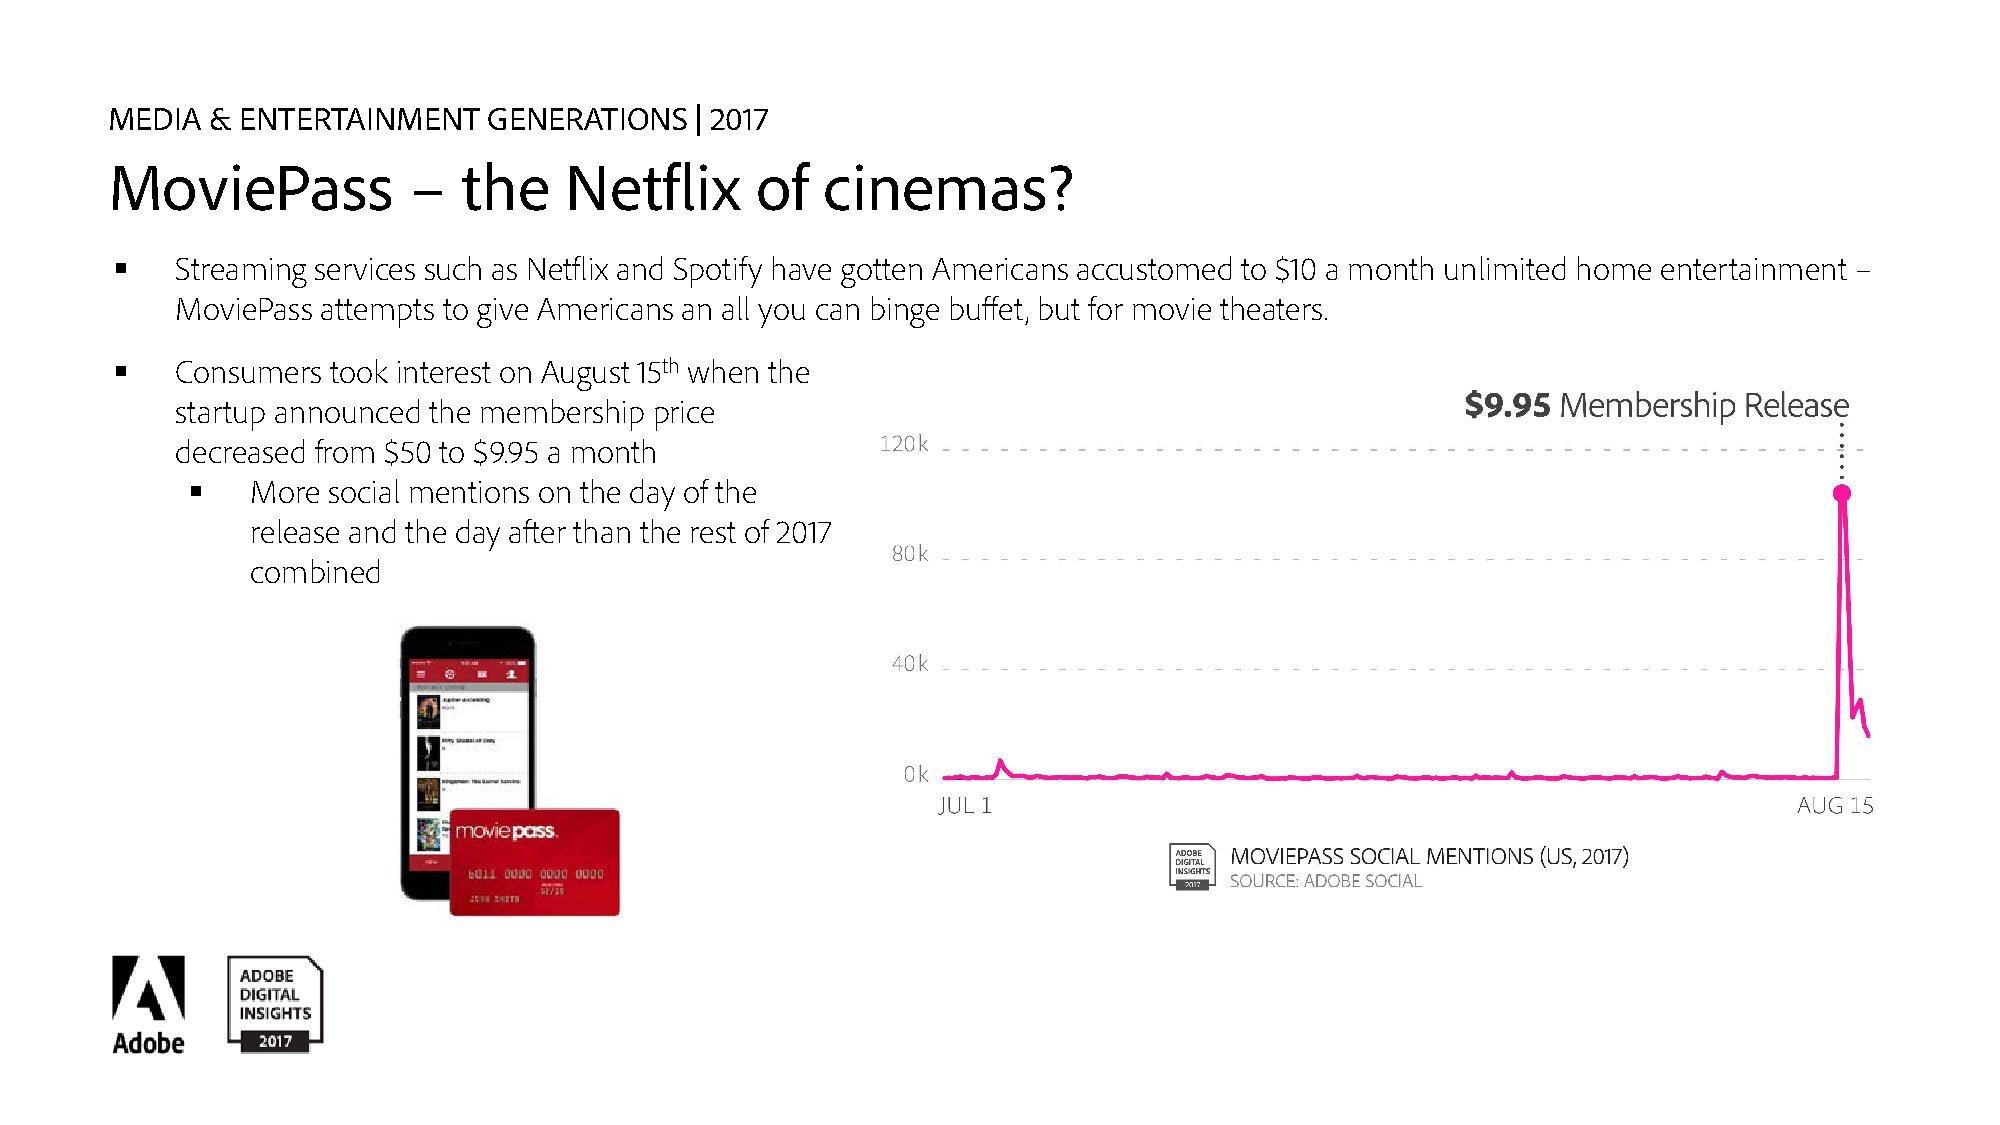 六合彩票Adobe:2017年各世代媒体和娱乐洞察报告